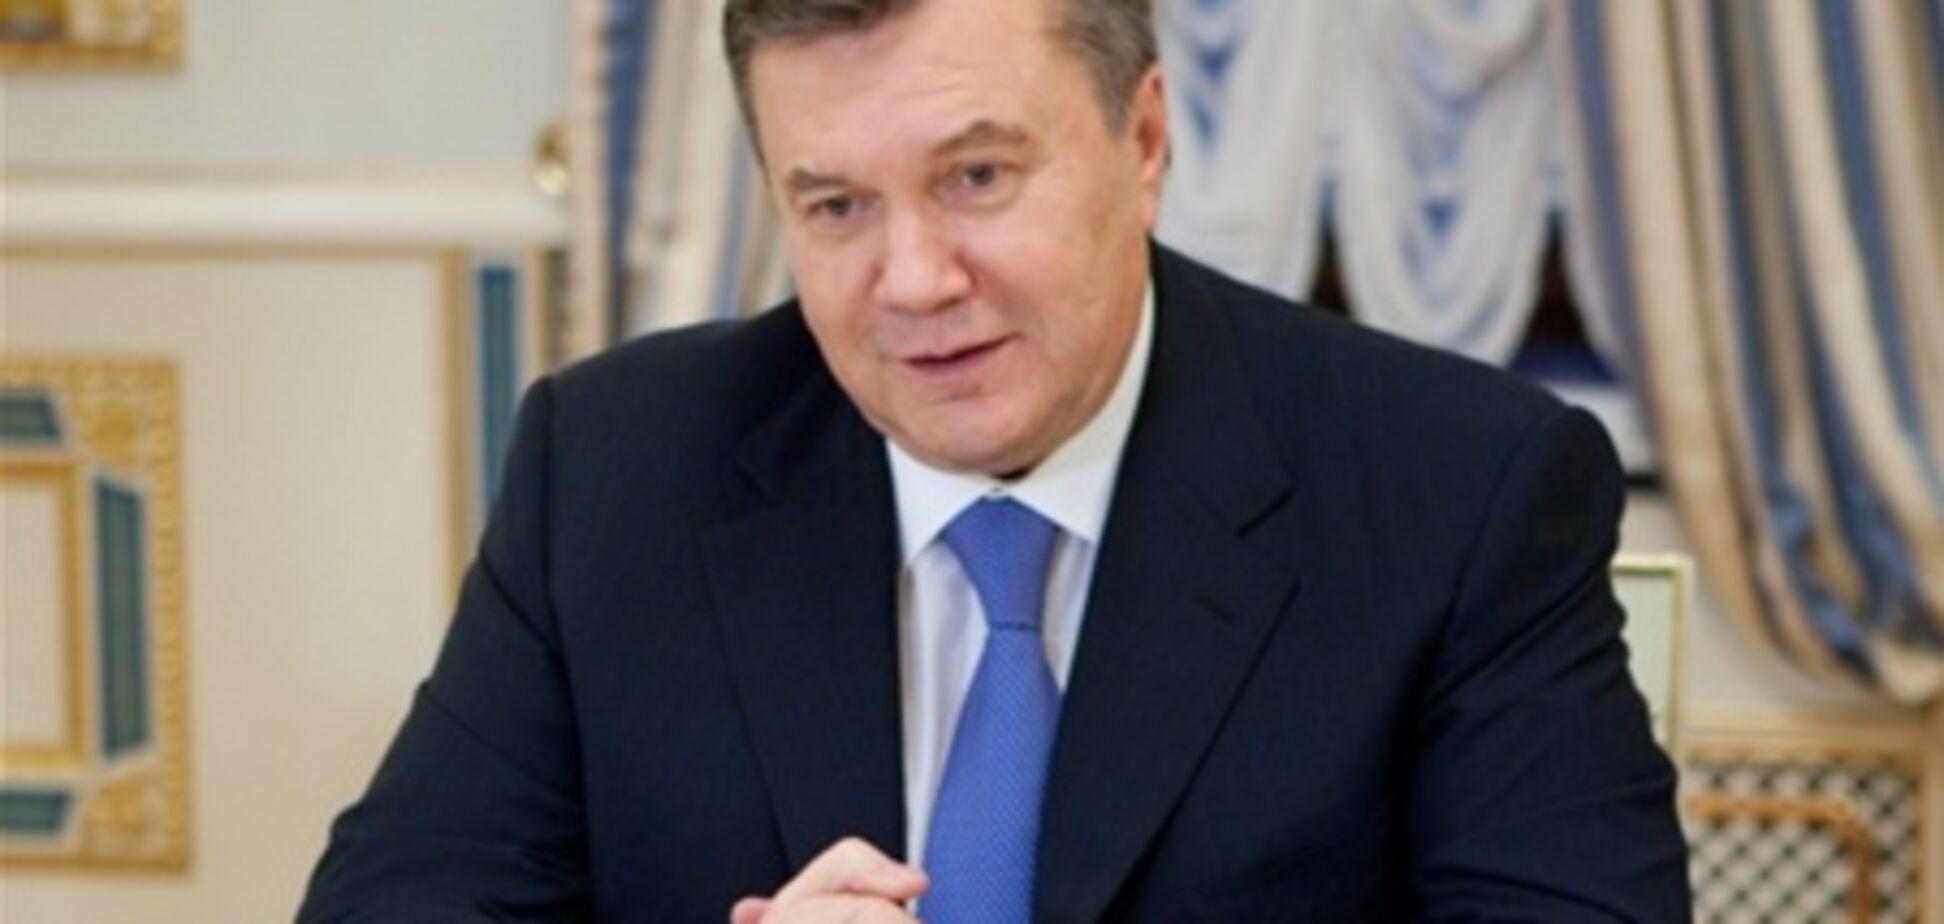 Янукович звільнив заступника міністра промполітики - 11 січня 2012